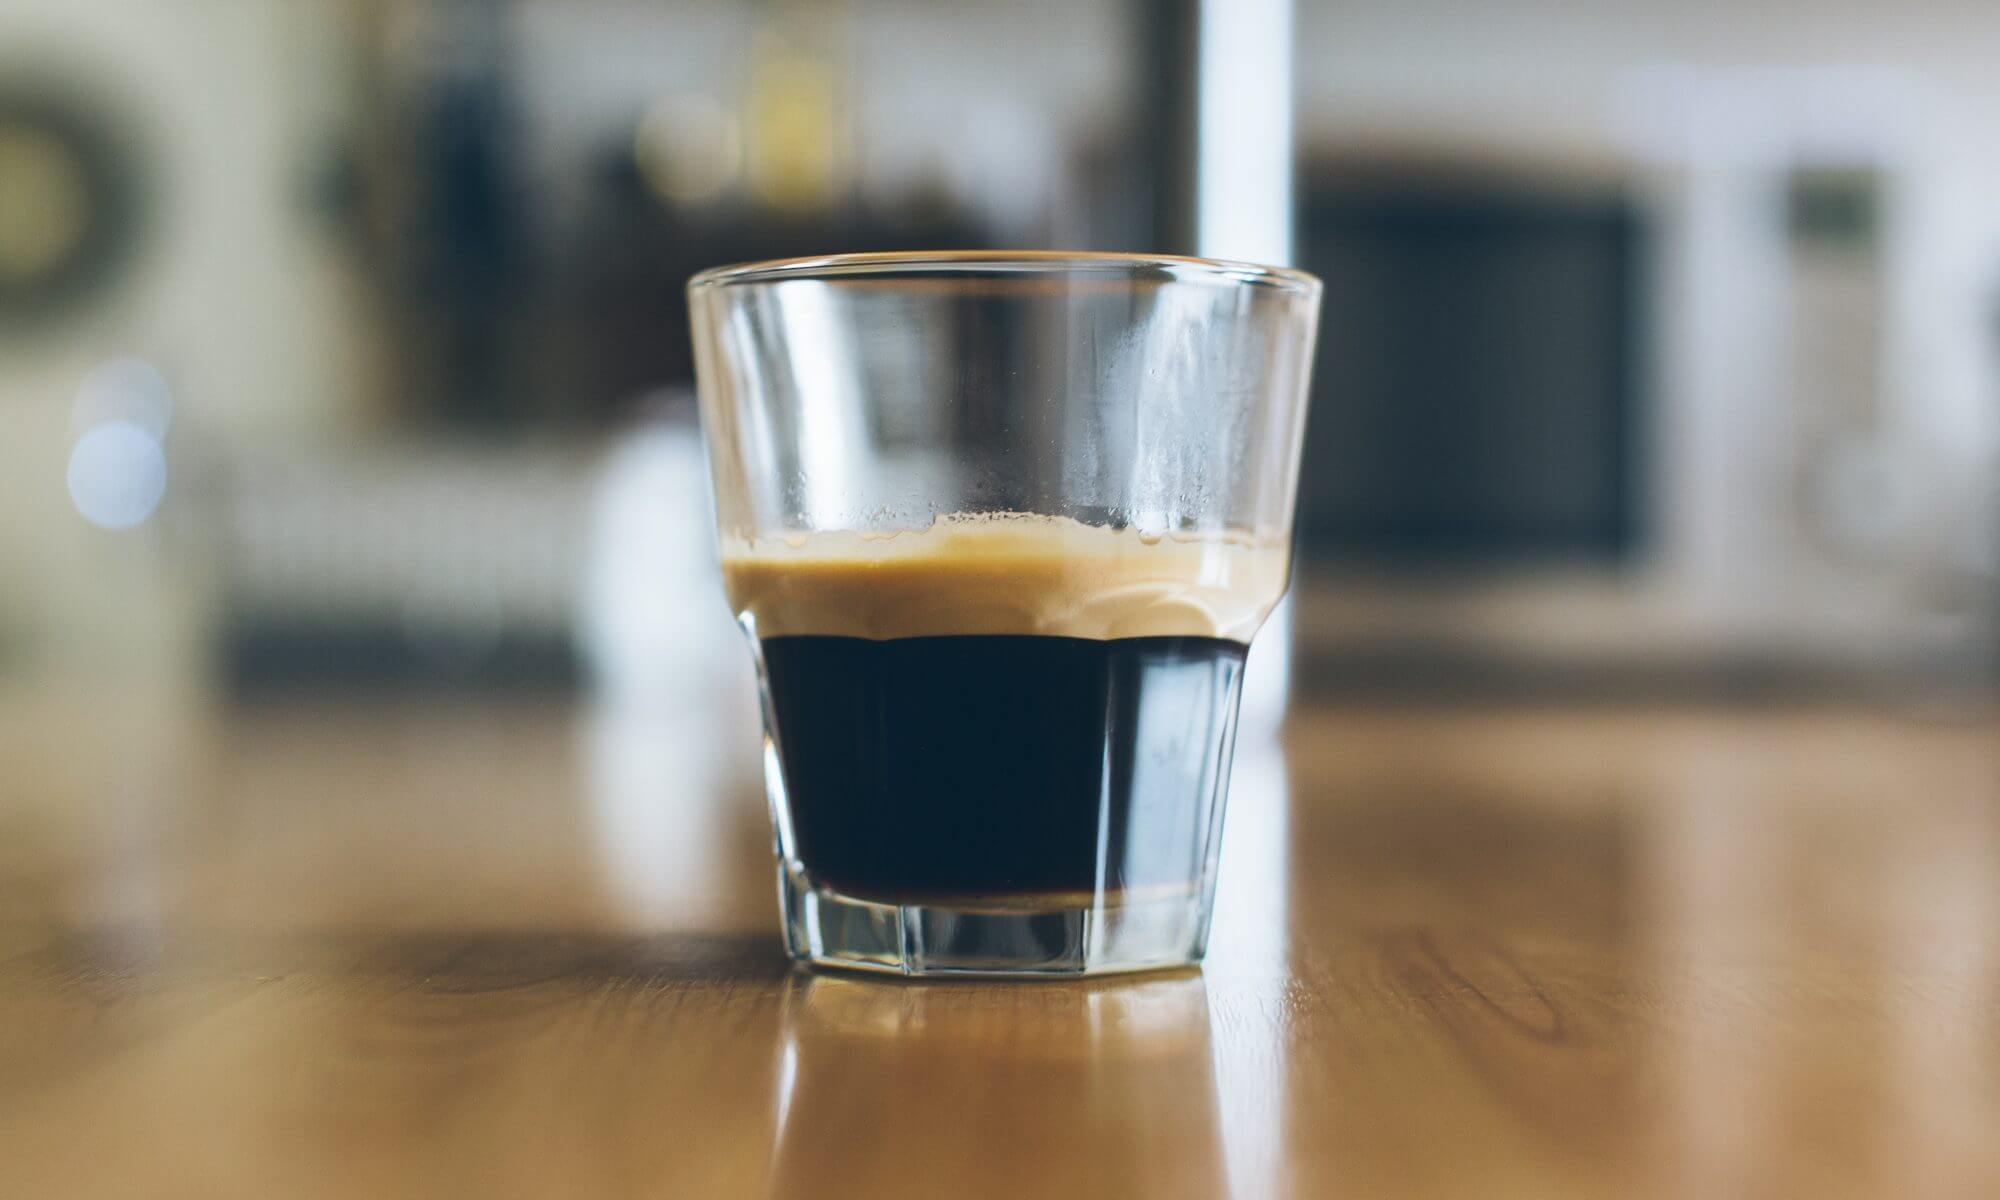 Espresso glas koffie tijd nemen Tijd nemen voor elkaar. Alfa Bewind